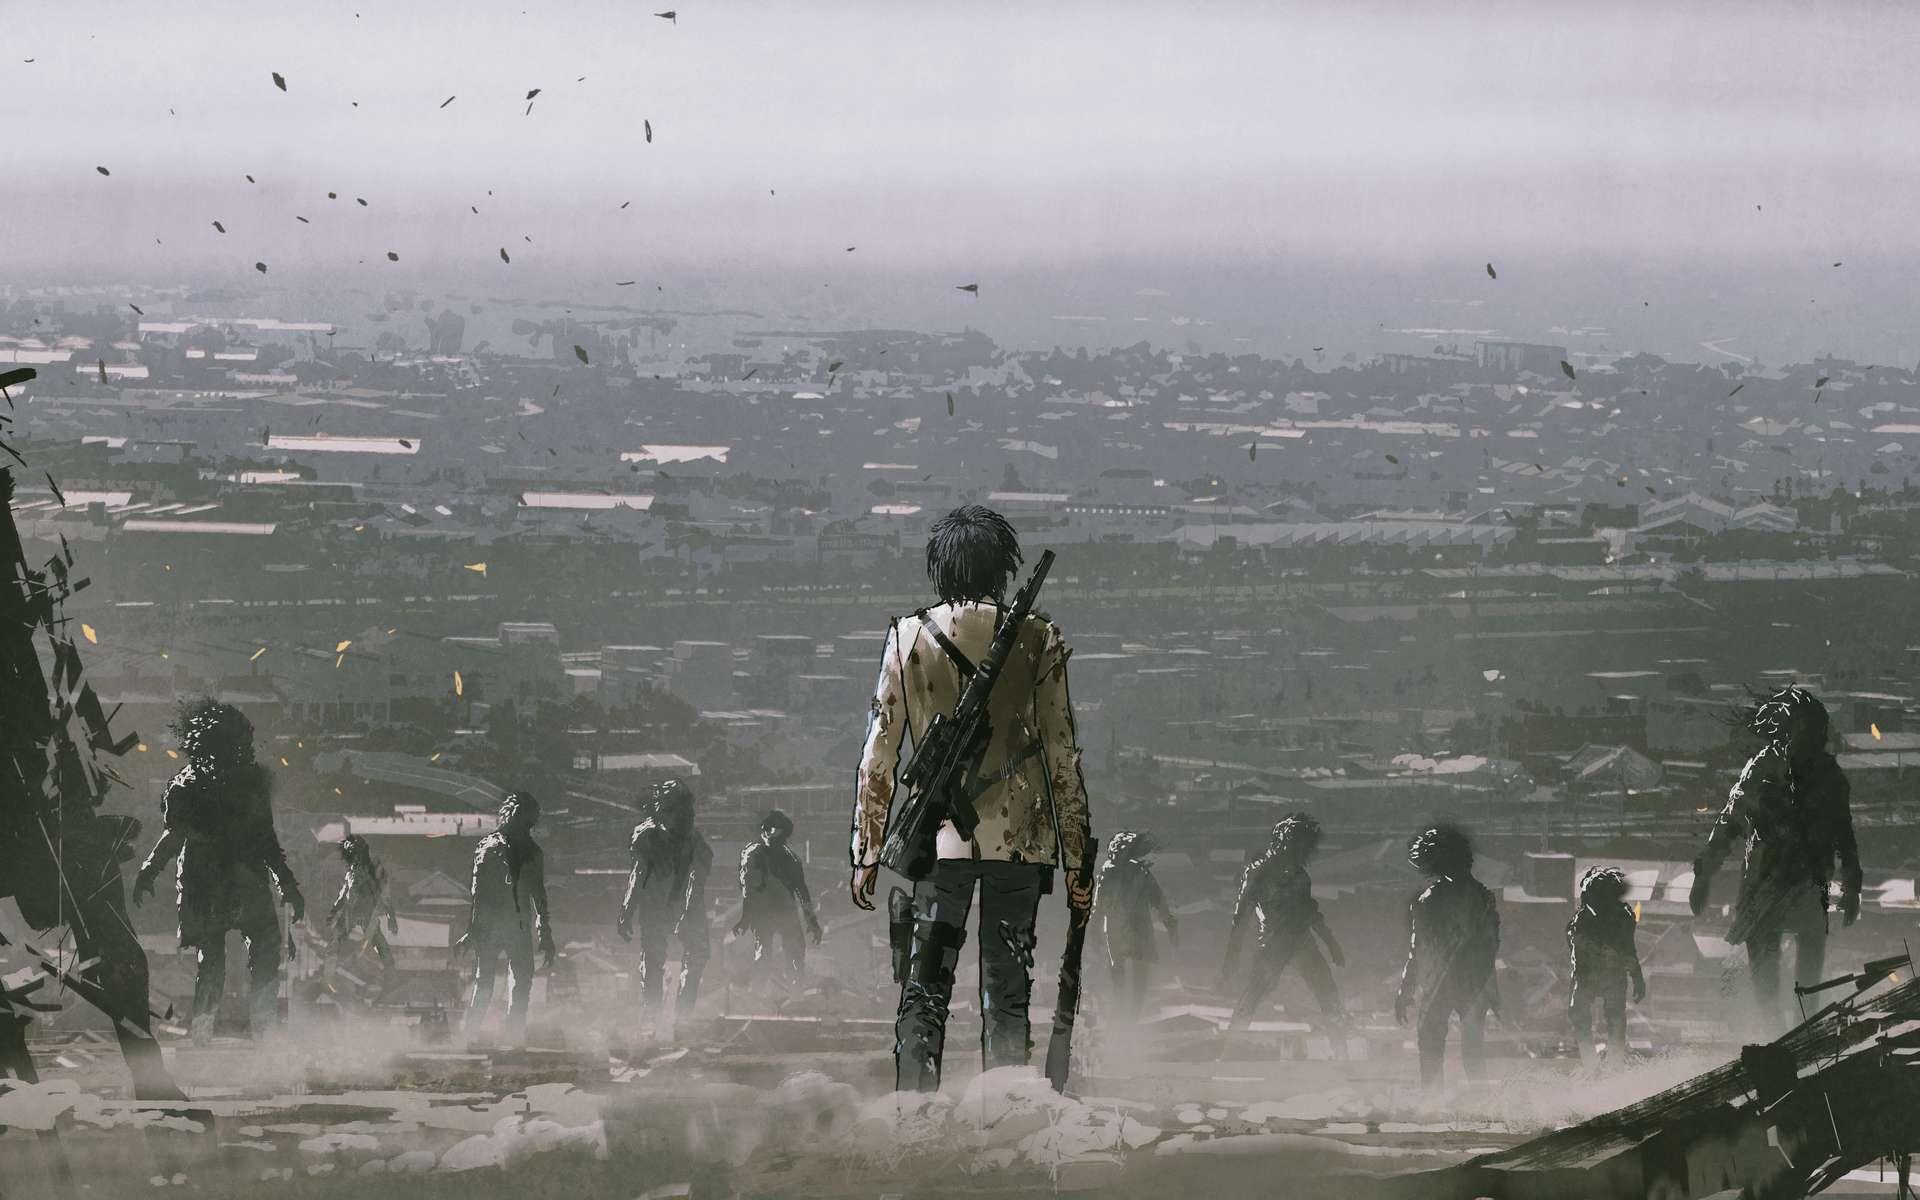 Les habitants du Nouveau Monde découvrent le nouveau visage de leur monde après la pluie de cendre qui s'est abattue sur la planète entière. © grandfailure, Adobe Stock